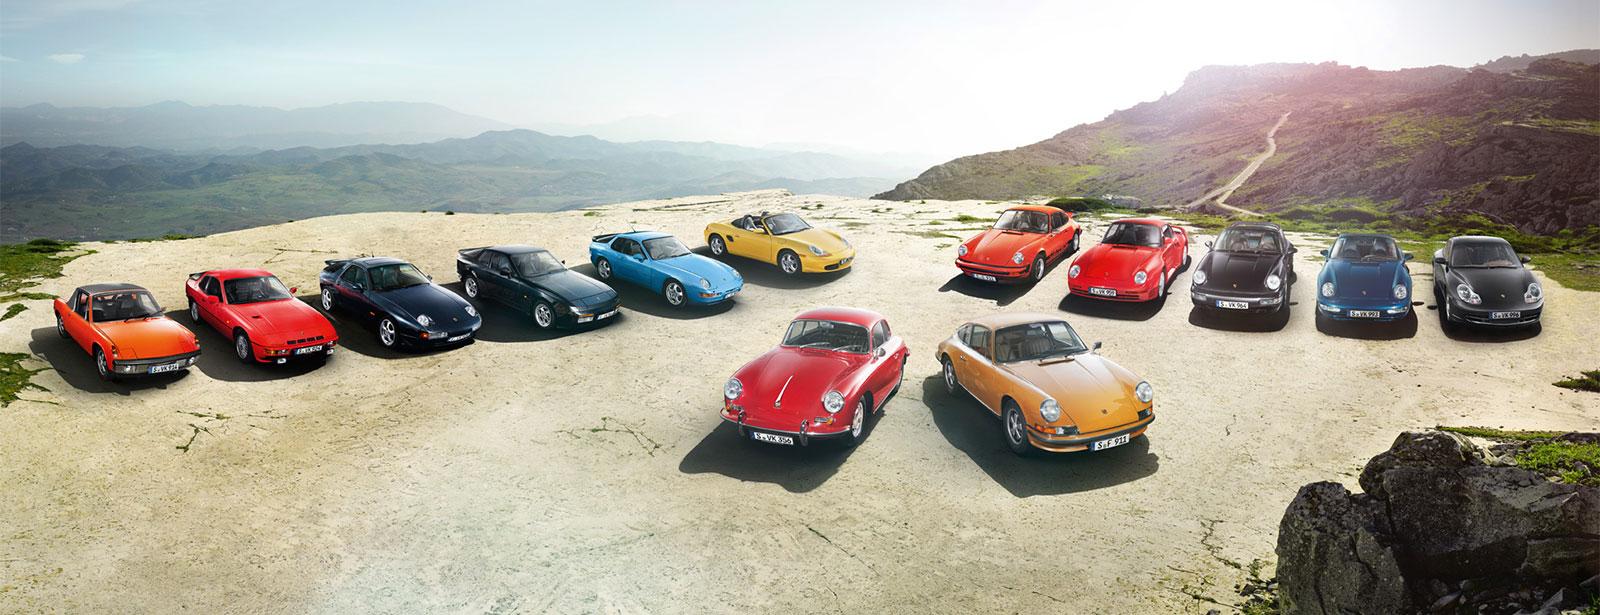 Porsche Service | Serviceangebote | Porsche Classic Vehicle Tracking System